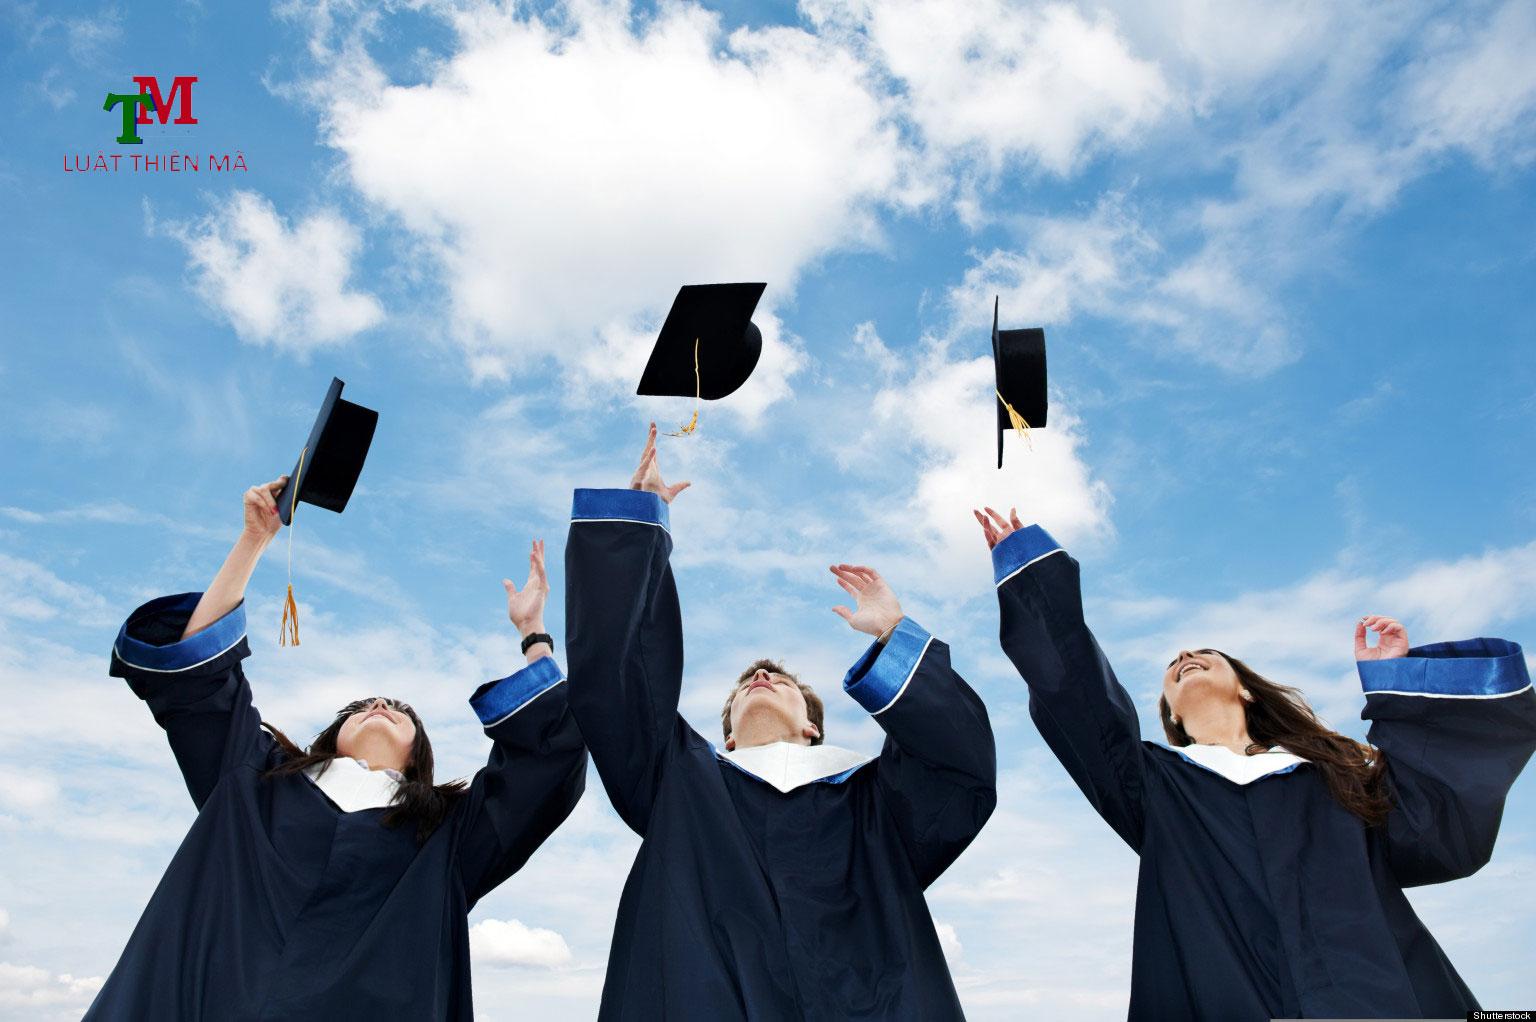 dịch vụ cấp giấy phép tư vấn du học